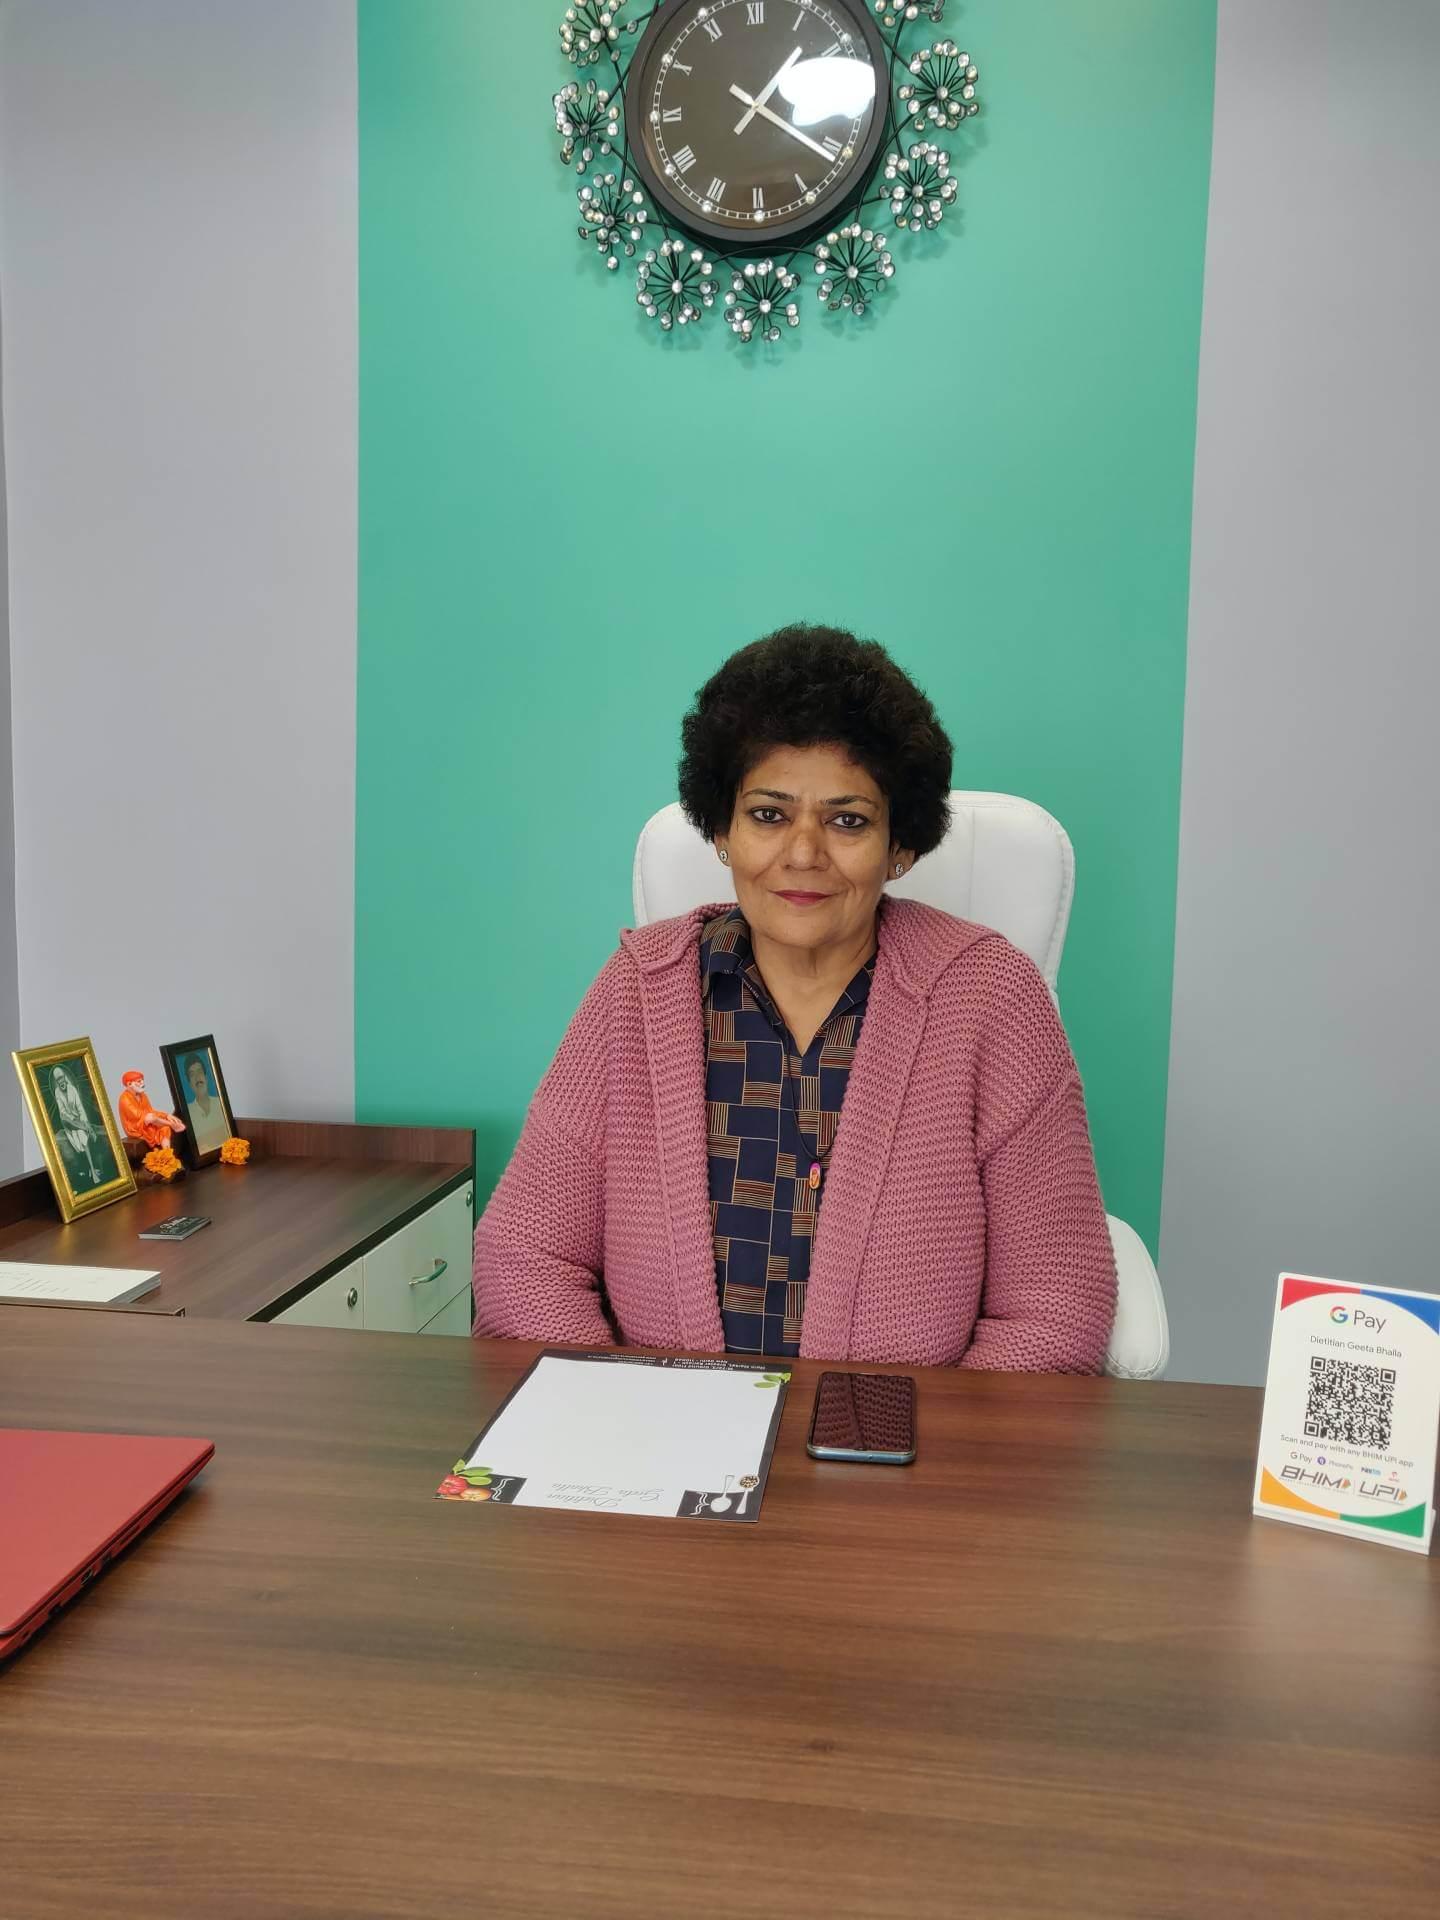 Dietitian Geeta Bhalla